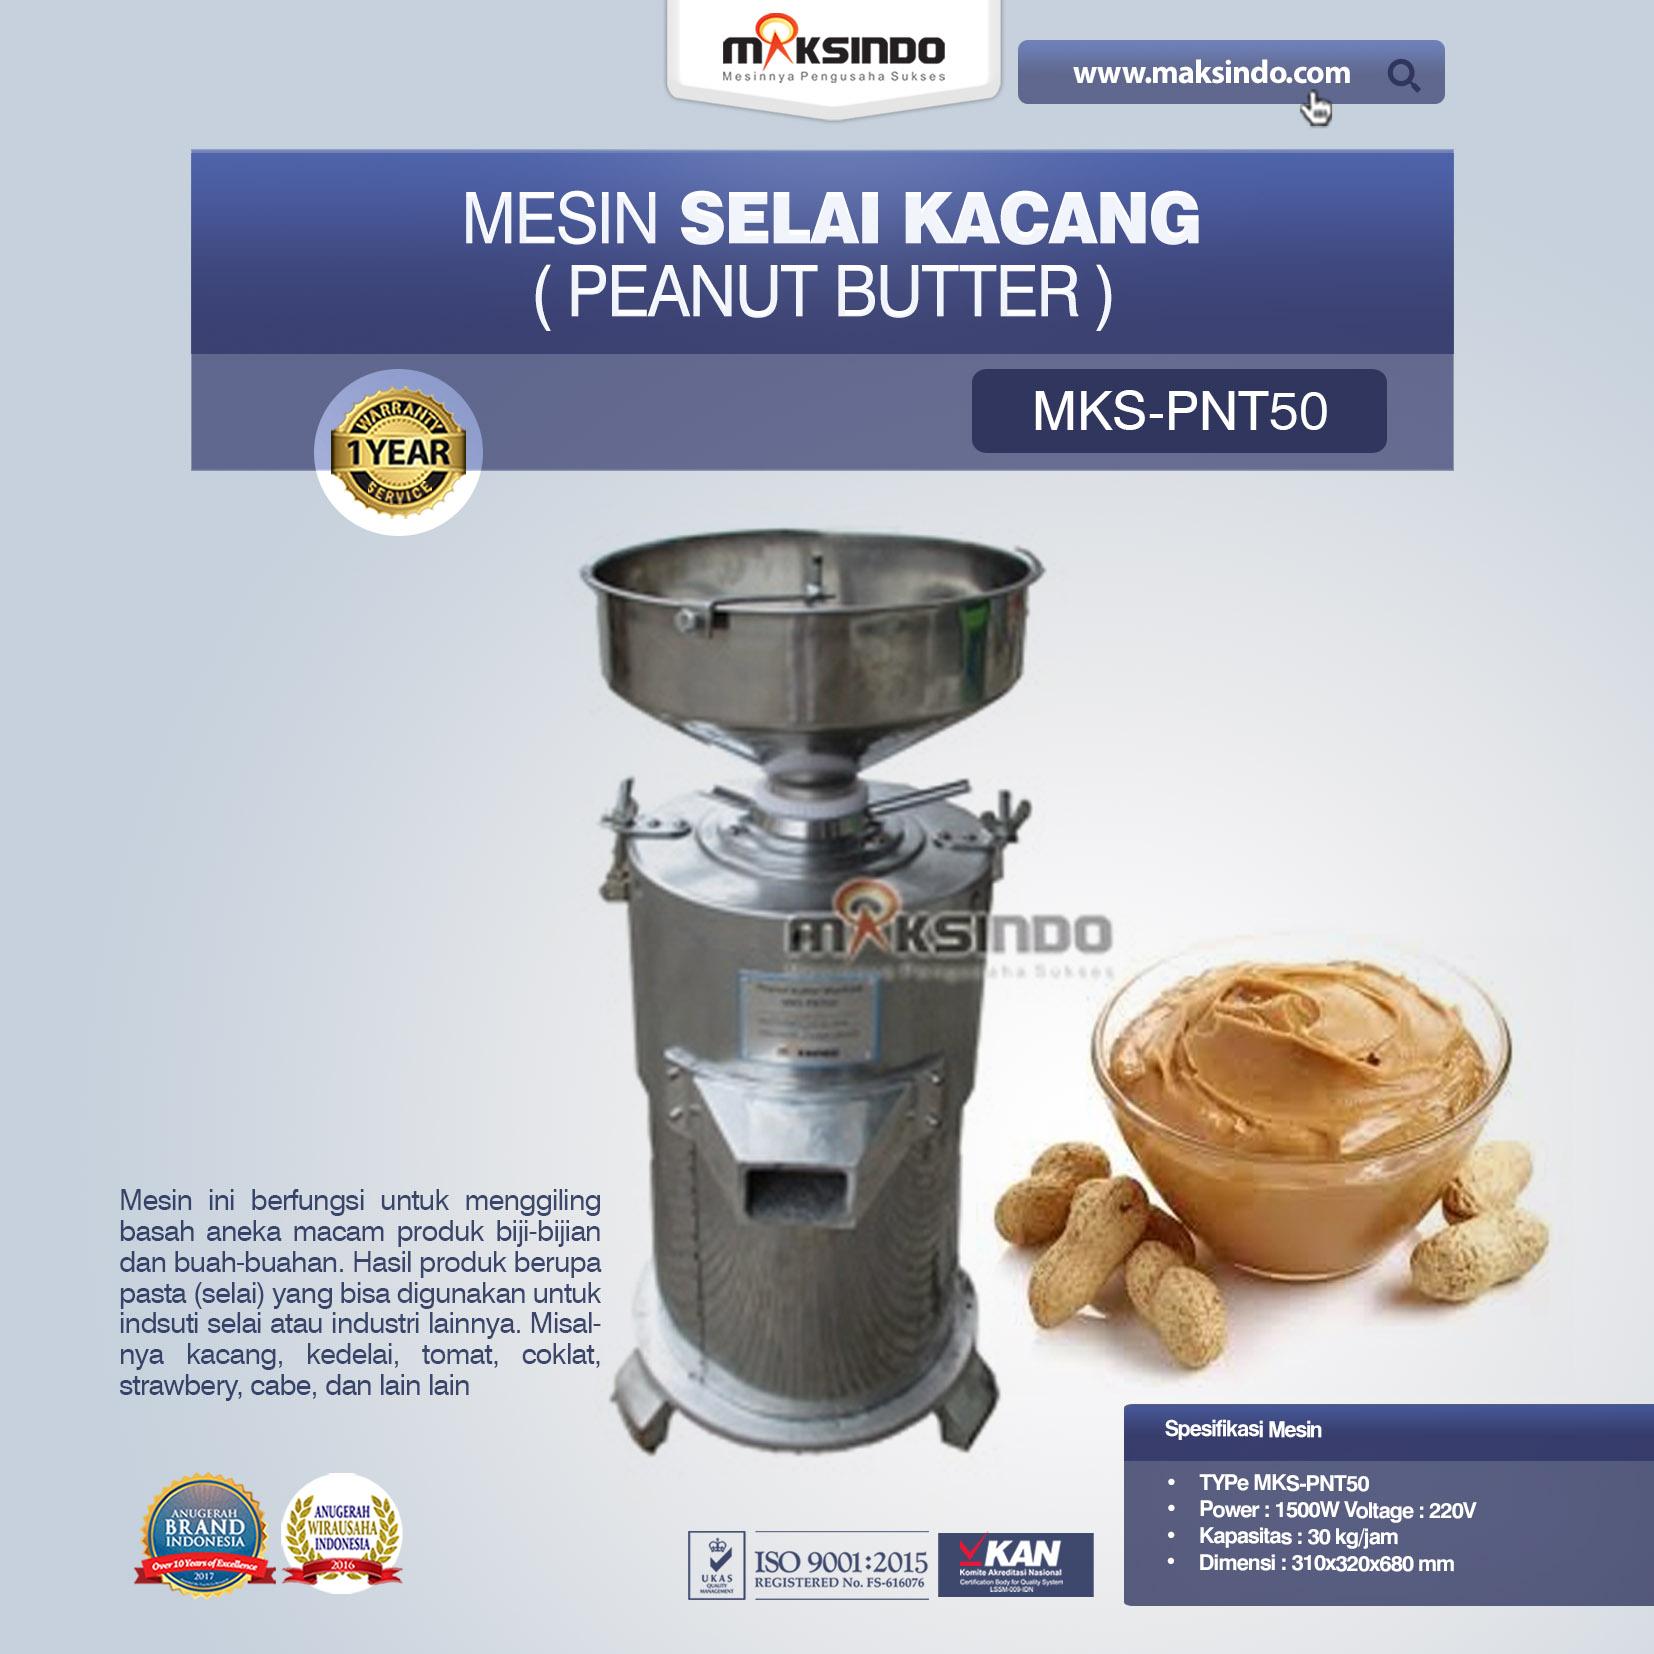 Jual Mesin Selai Kacang (Peanut Butter) MKS-PNT50 di Tangerang